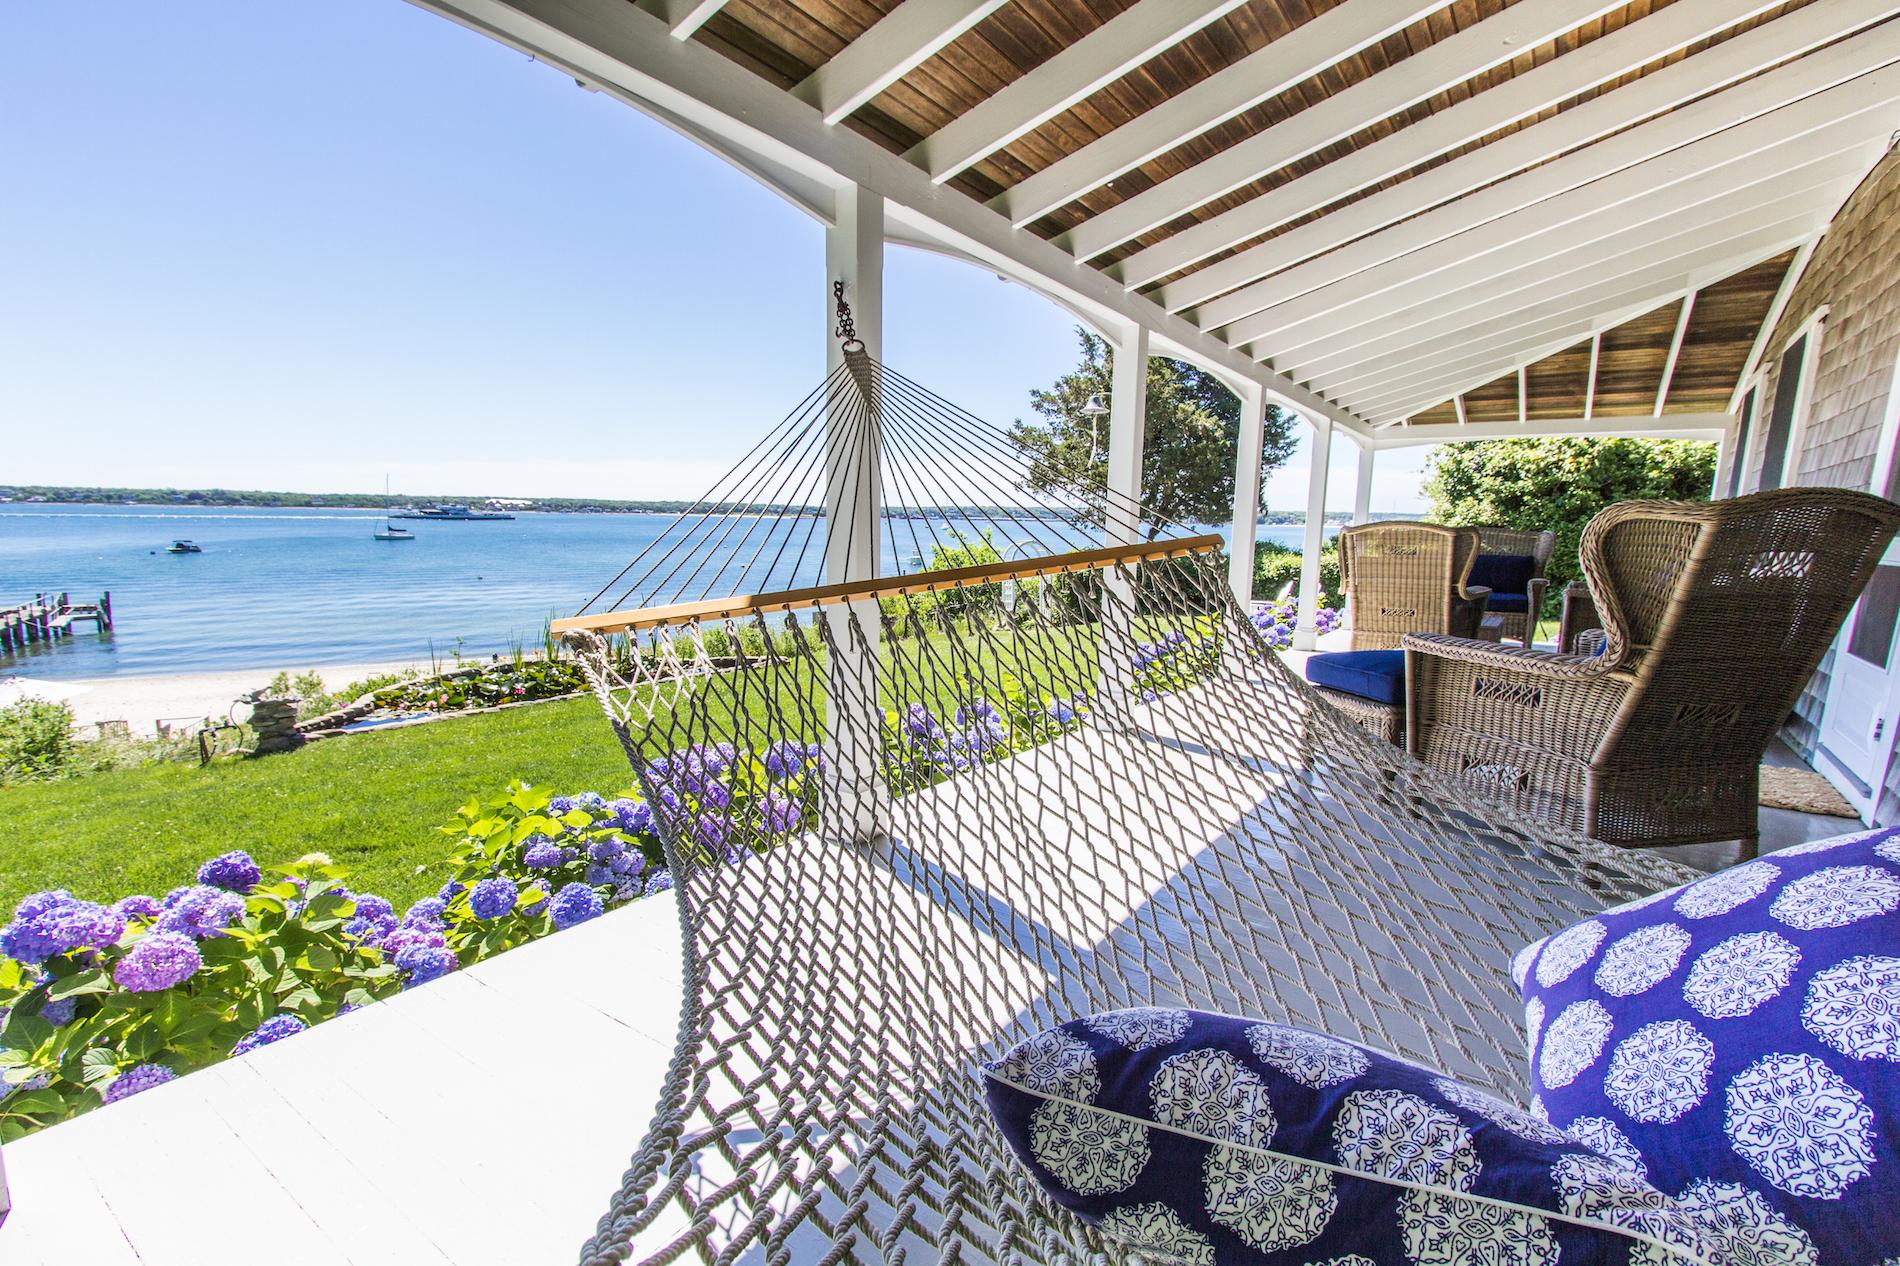 Martha S Vineyard Vacation Rentals Plan Your Martha S Vineyard